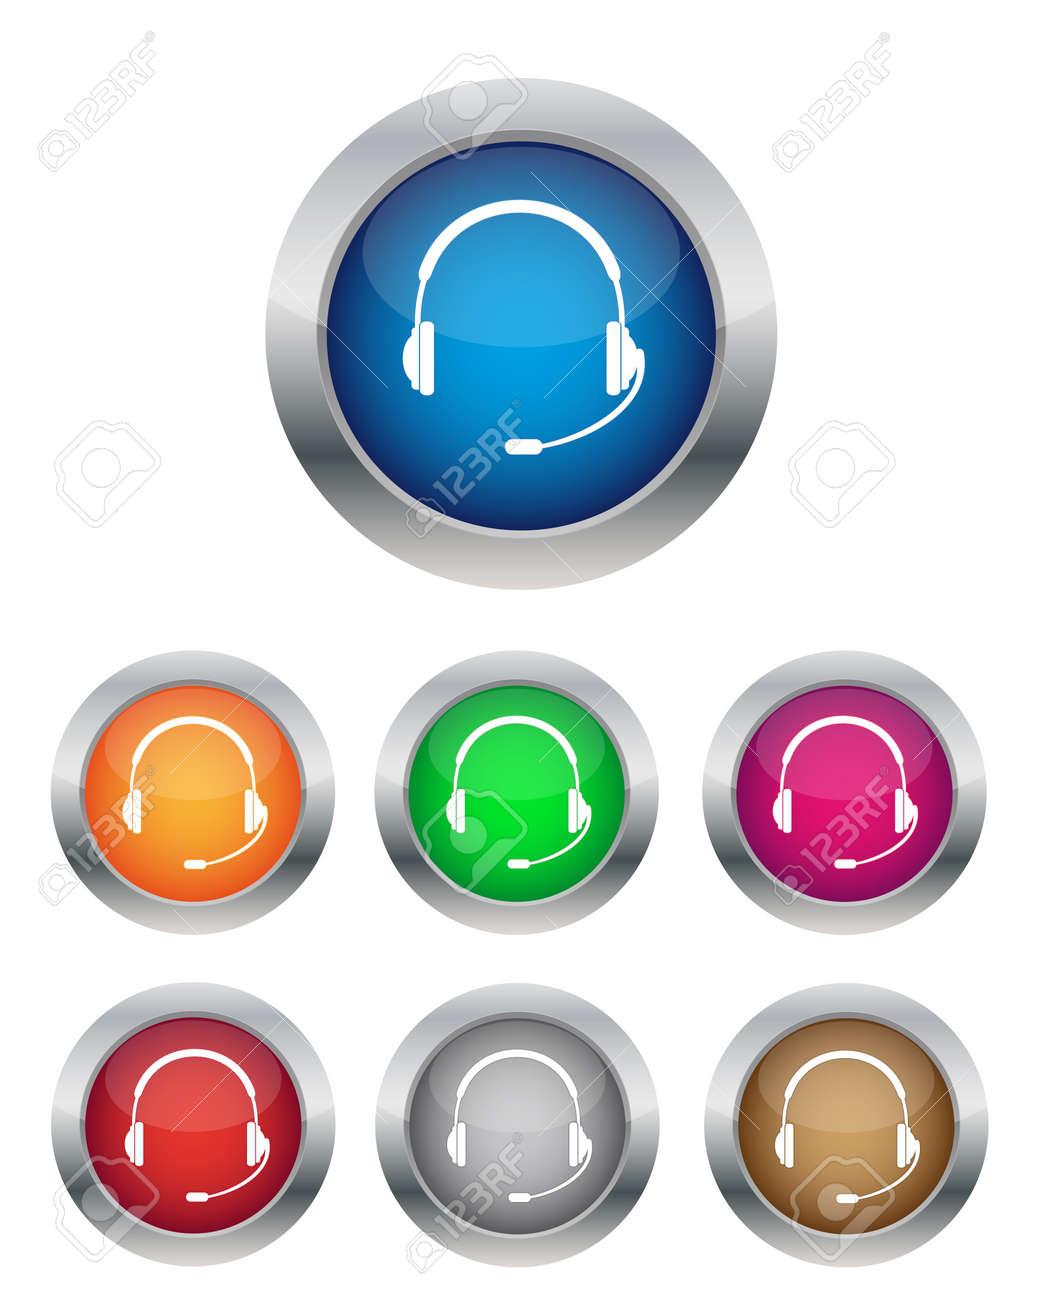 Call center buttons Stock Vector - 10849294